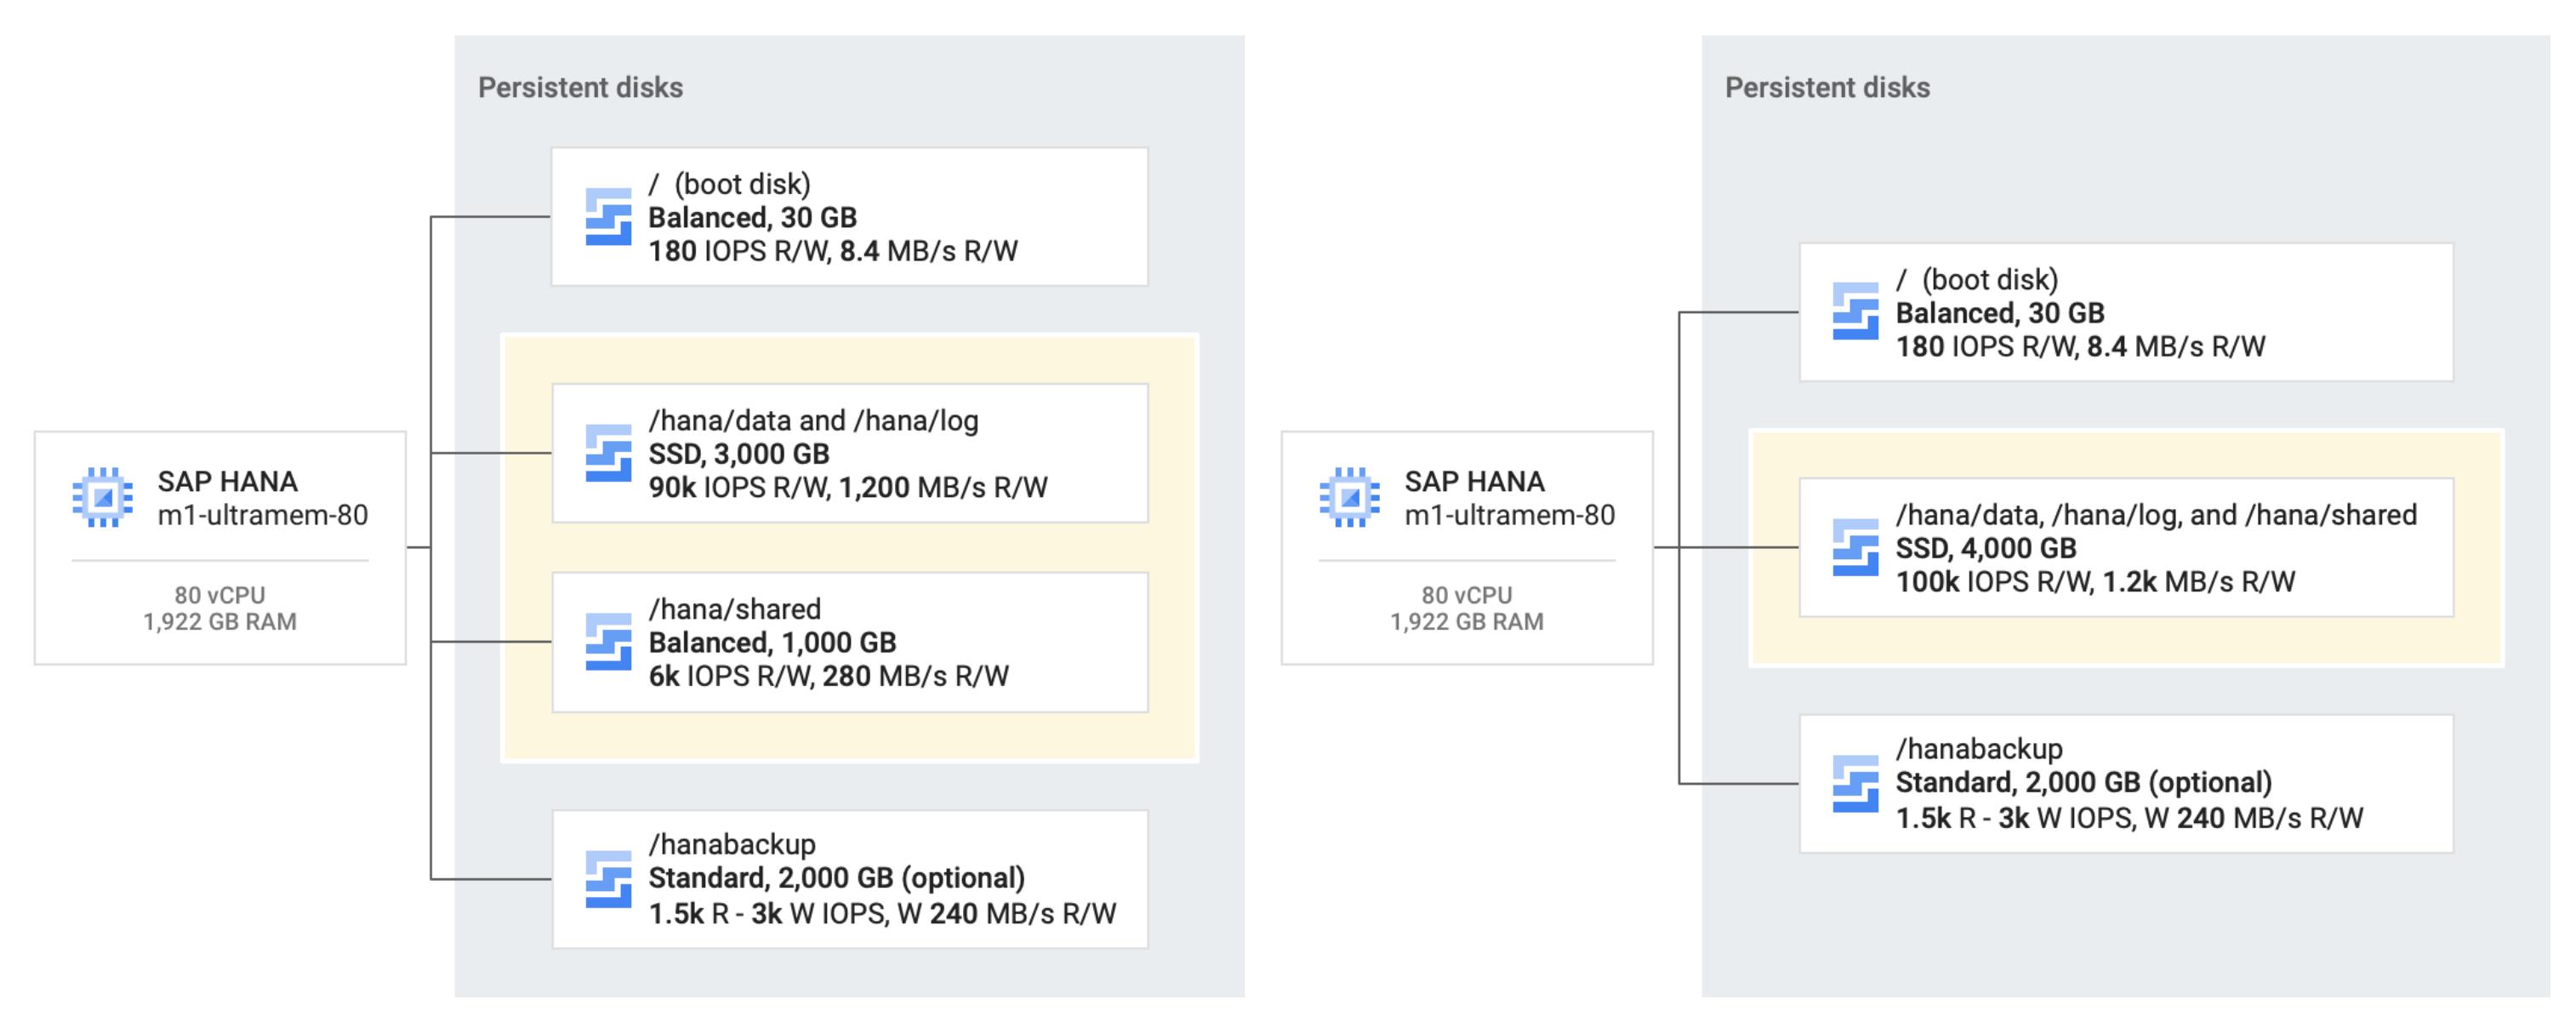 Dois sistemas SAP HANA são mostrados: o da esquerda tem